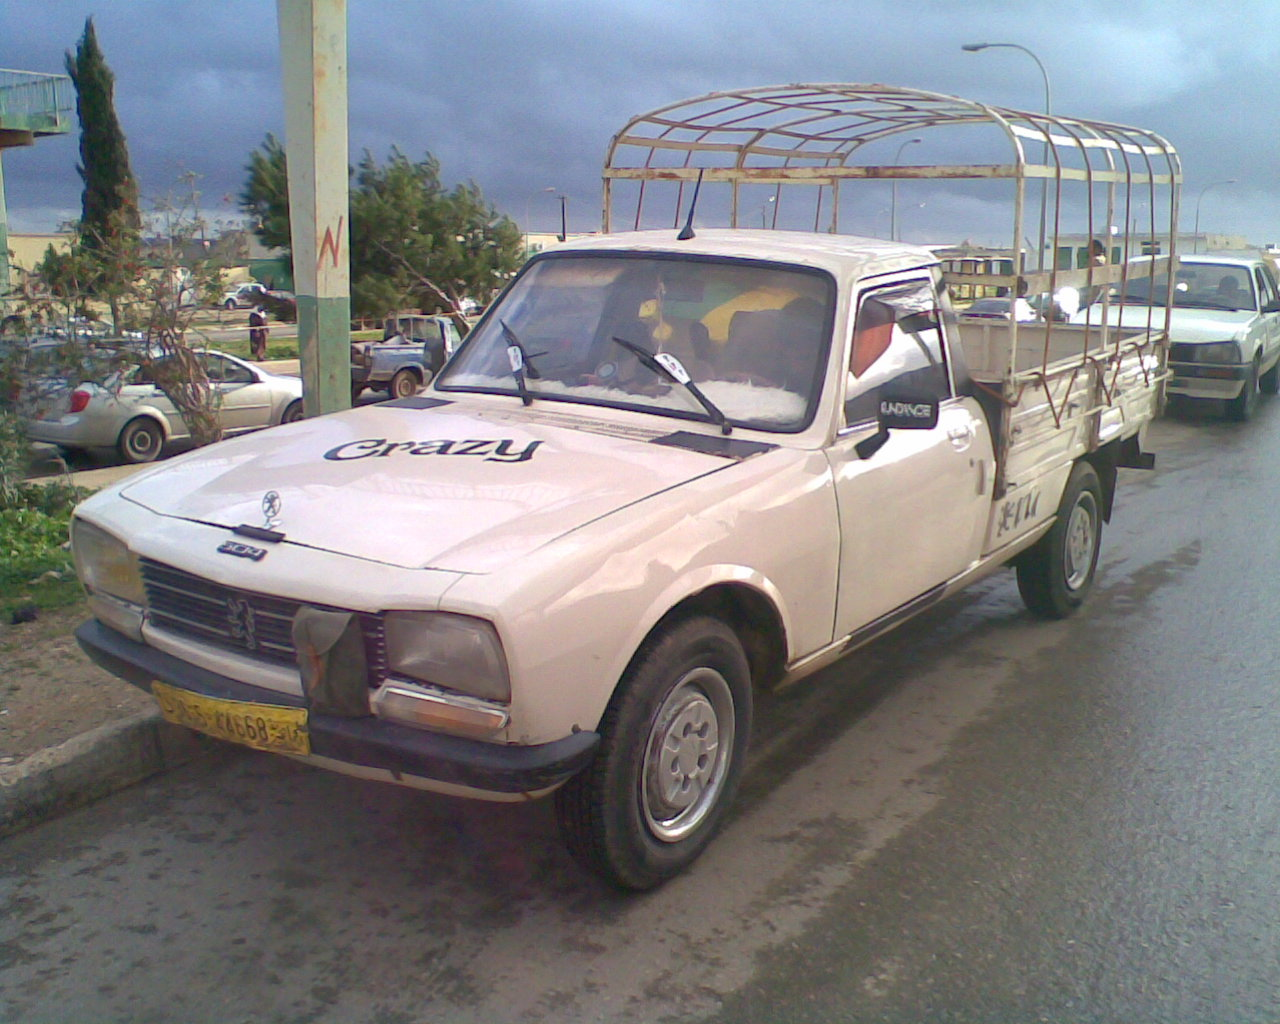 File:Peugeot 504 truck.jpg